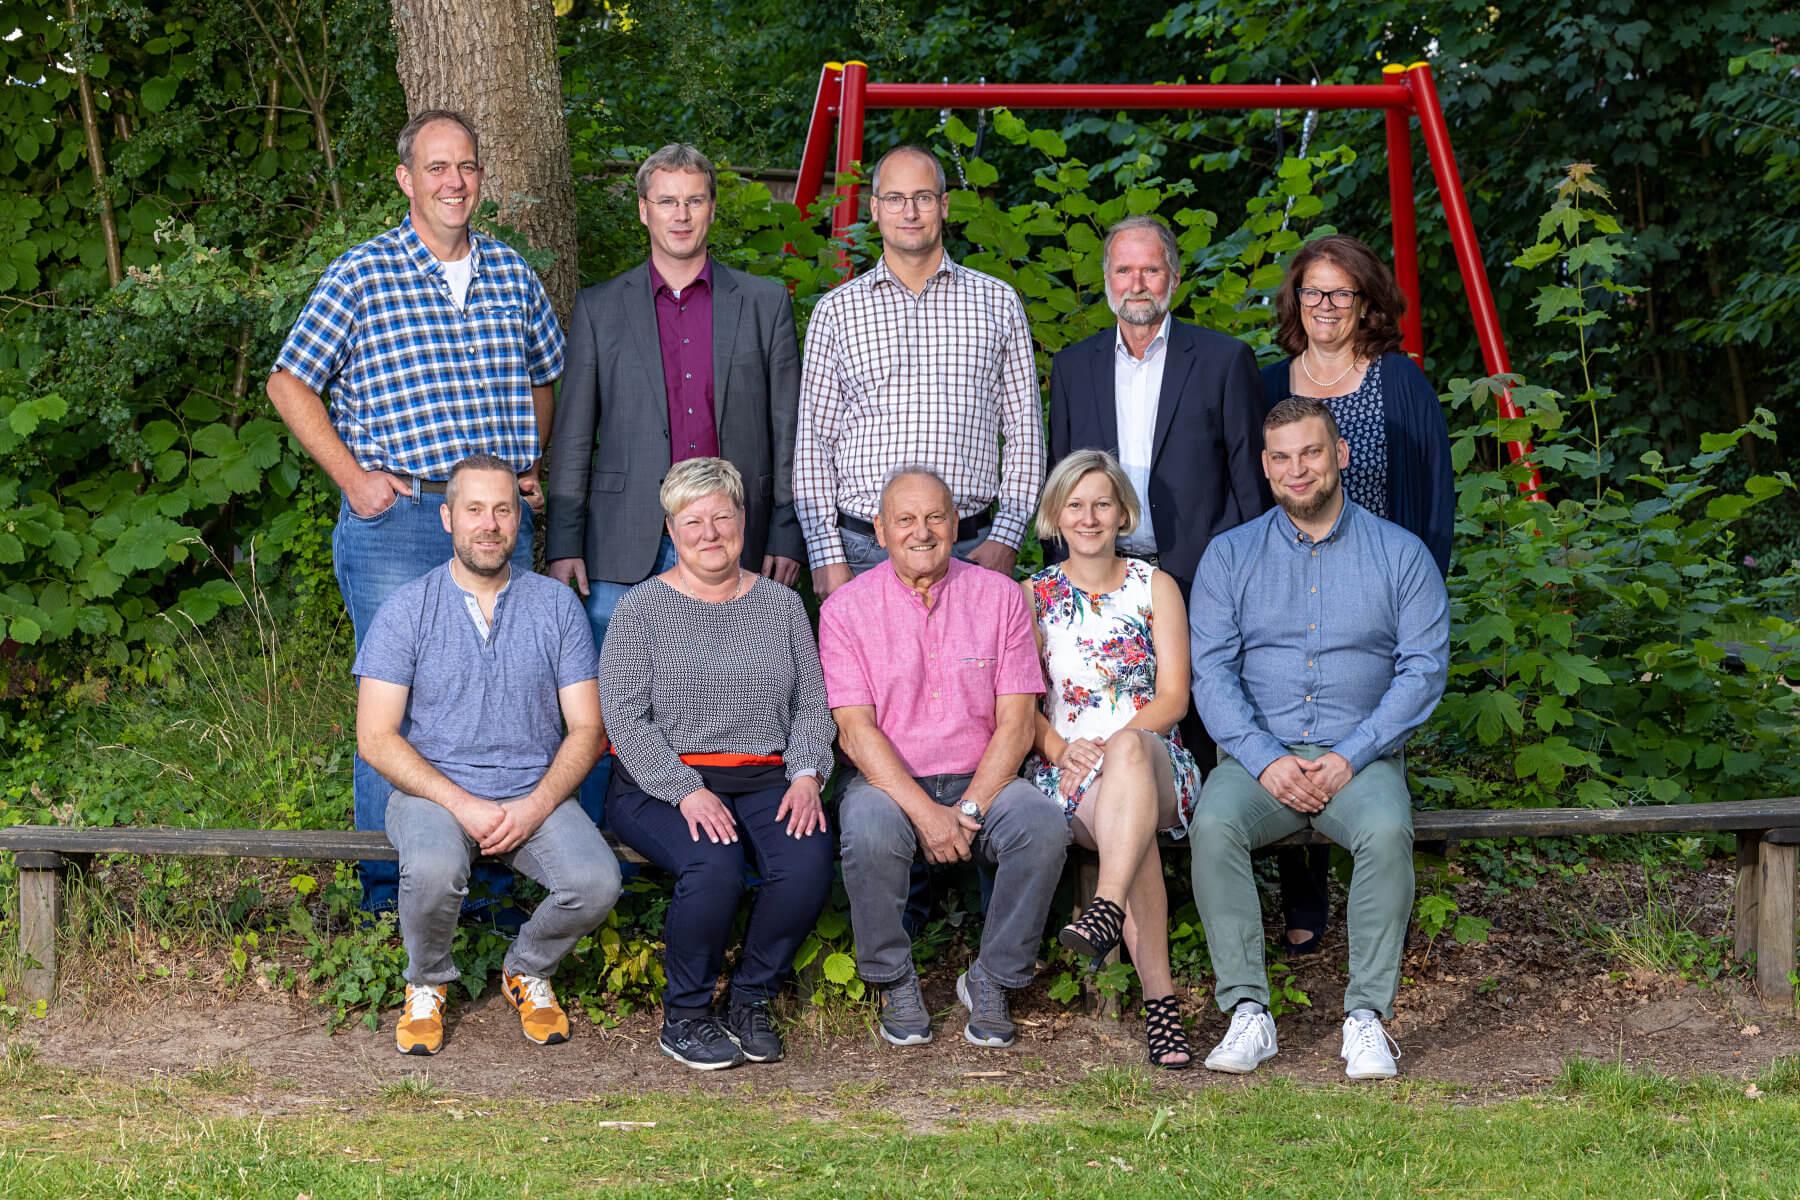 Wählergemeinschaft Drestedt Gruppenbild